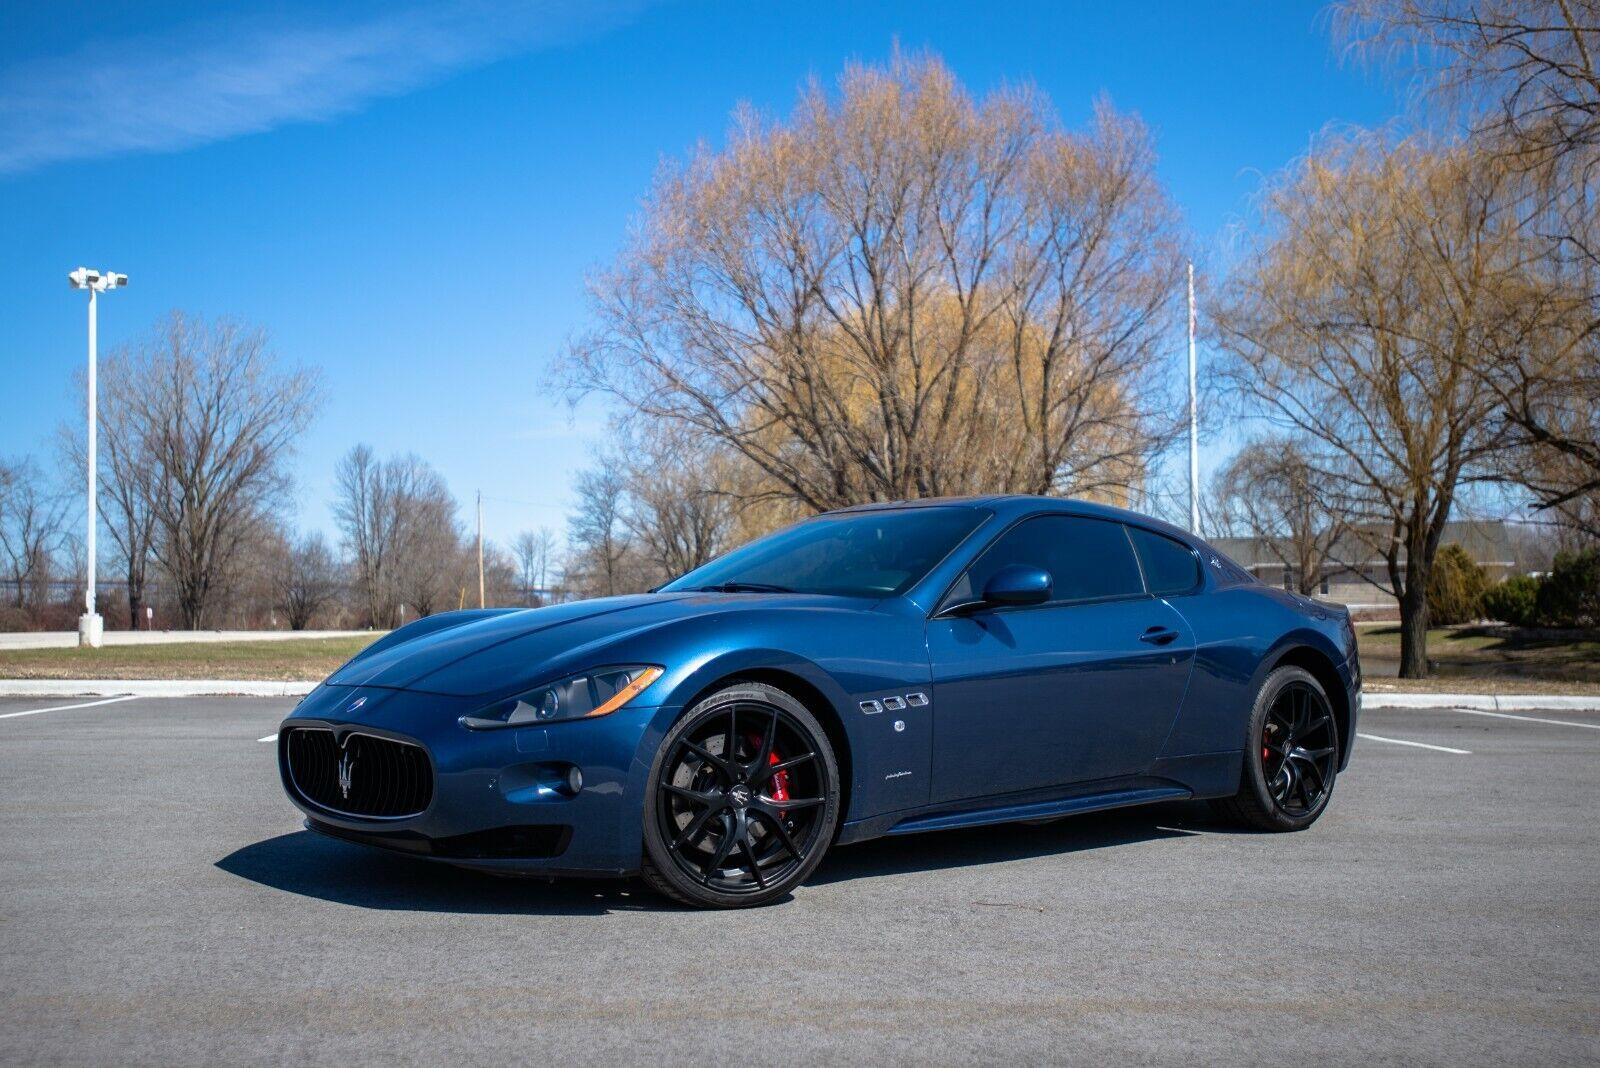 2009 Maserati Granturismo S Mc-shift / Low Miles / Special ...